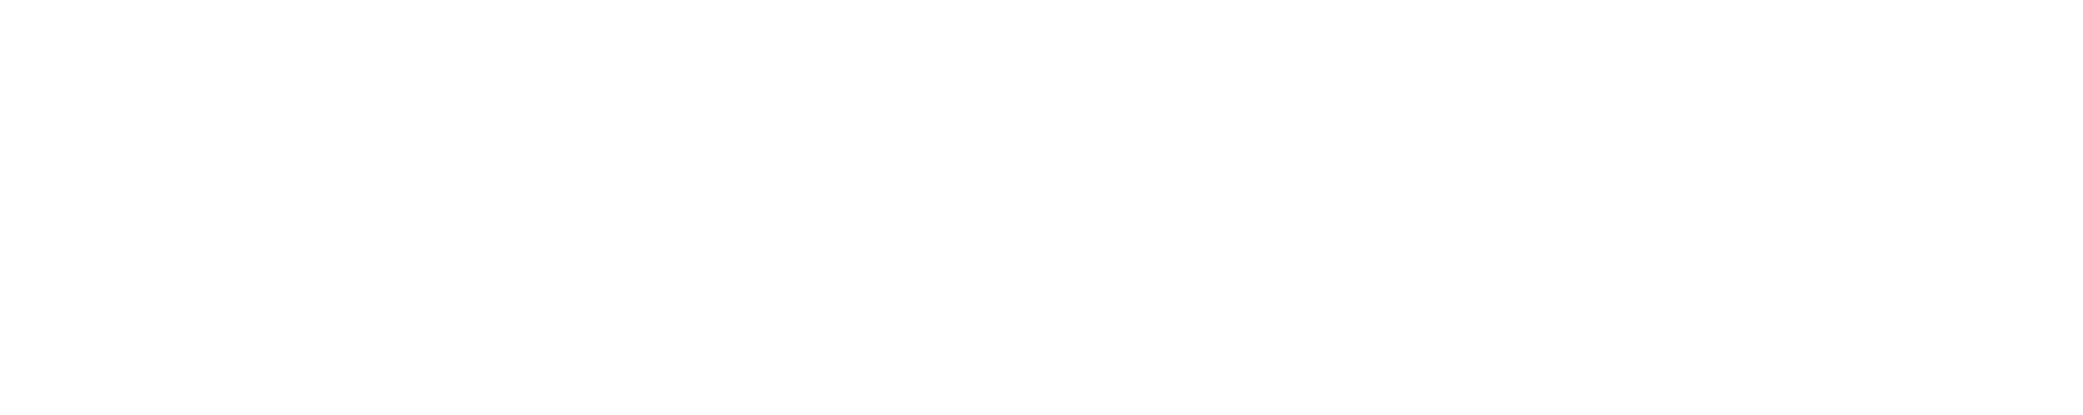 Meloonpro Swimwear